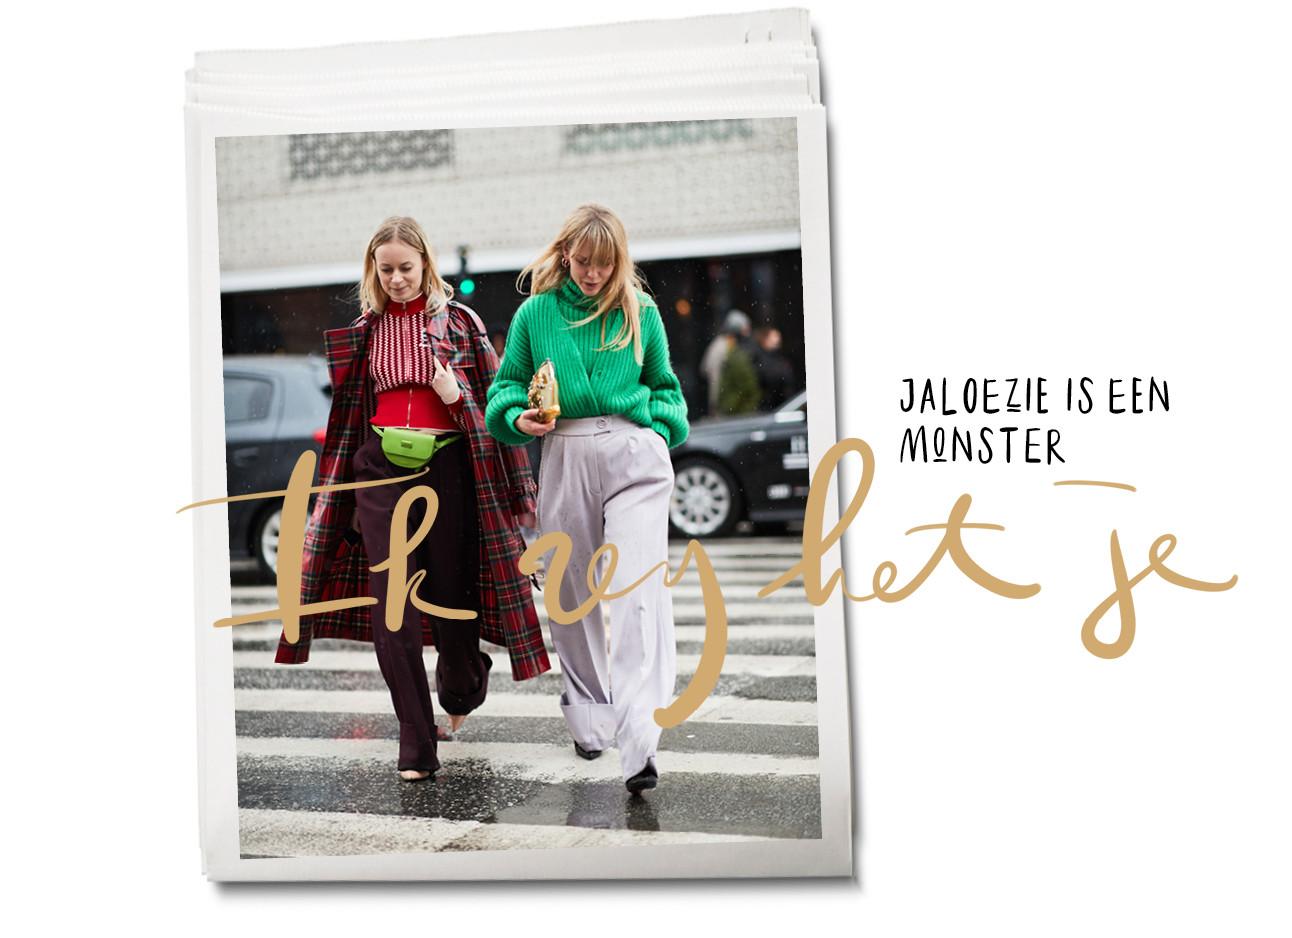 Twee vrouwen lopend op straat en pratend